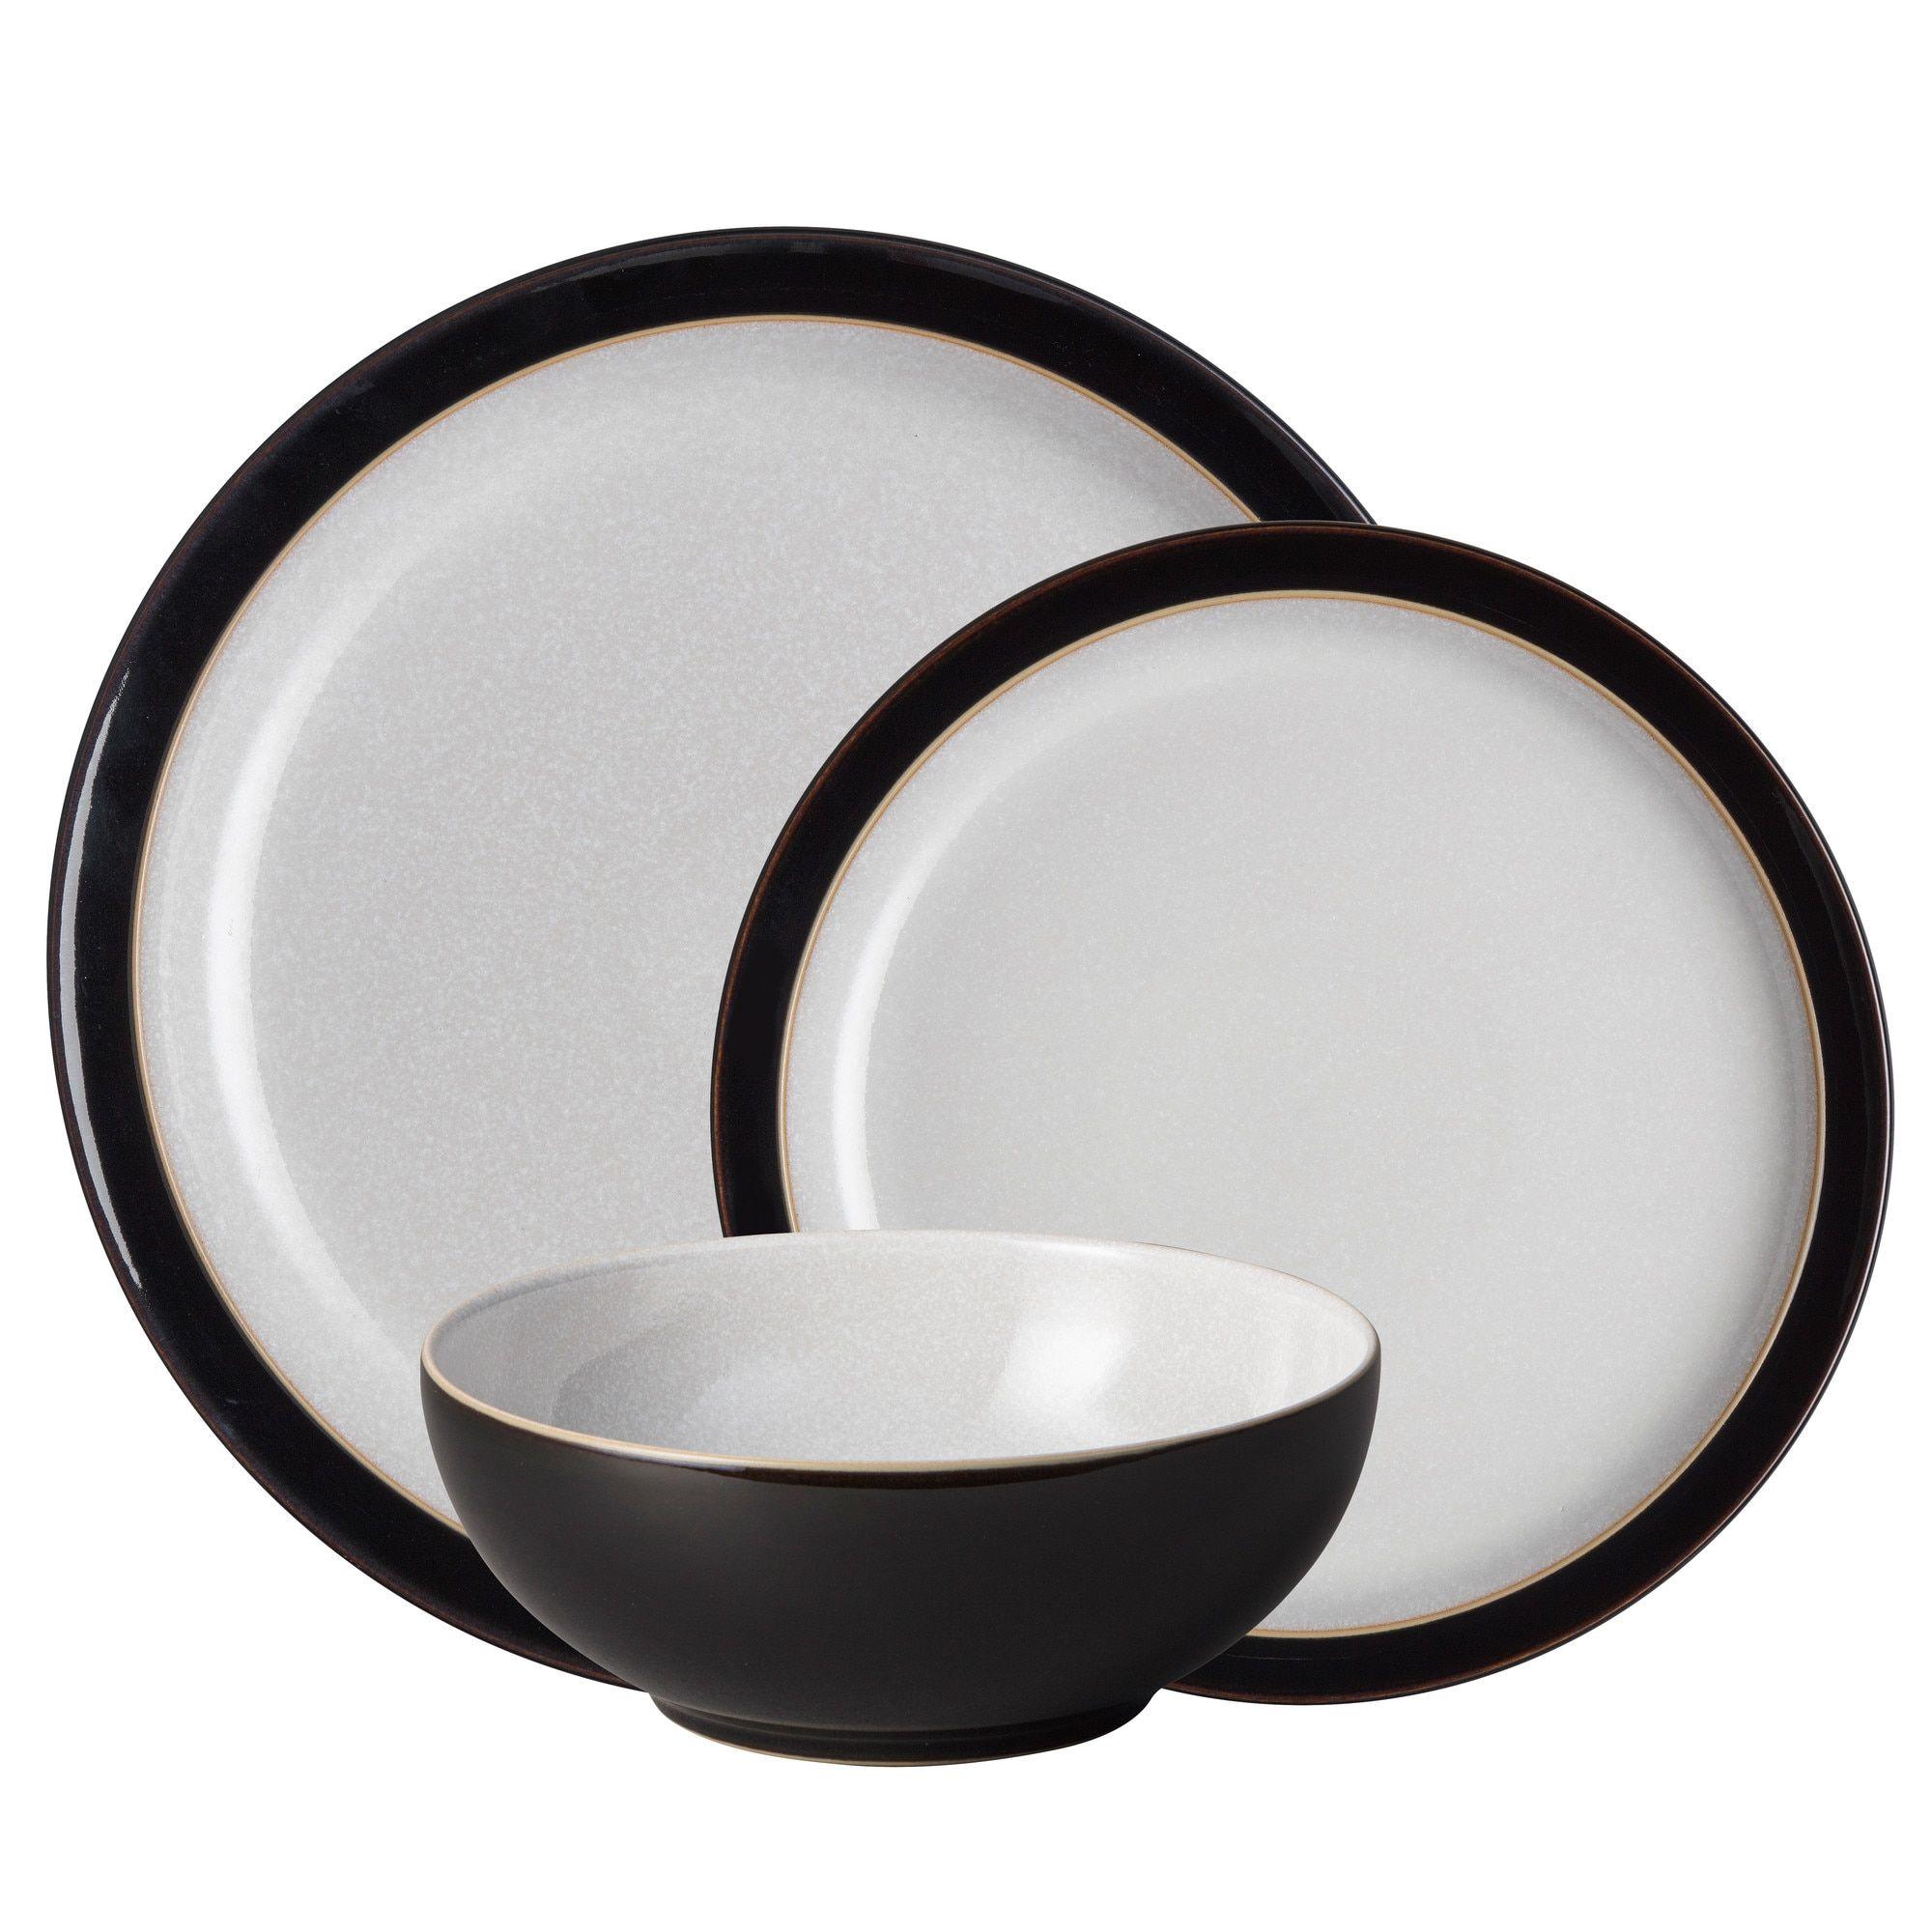 Elements Black 12 Piece Tableware Set Dinner Sets Black Dinner Tableware Set